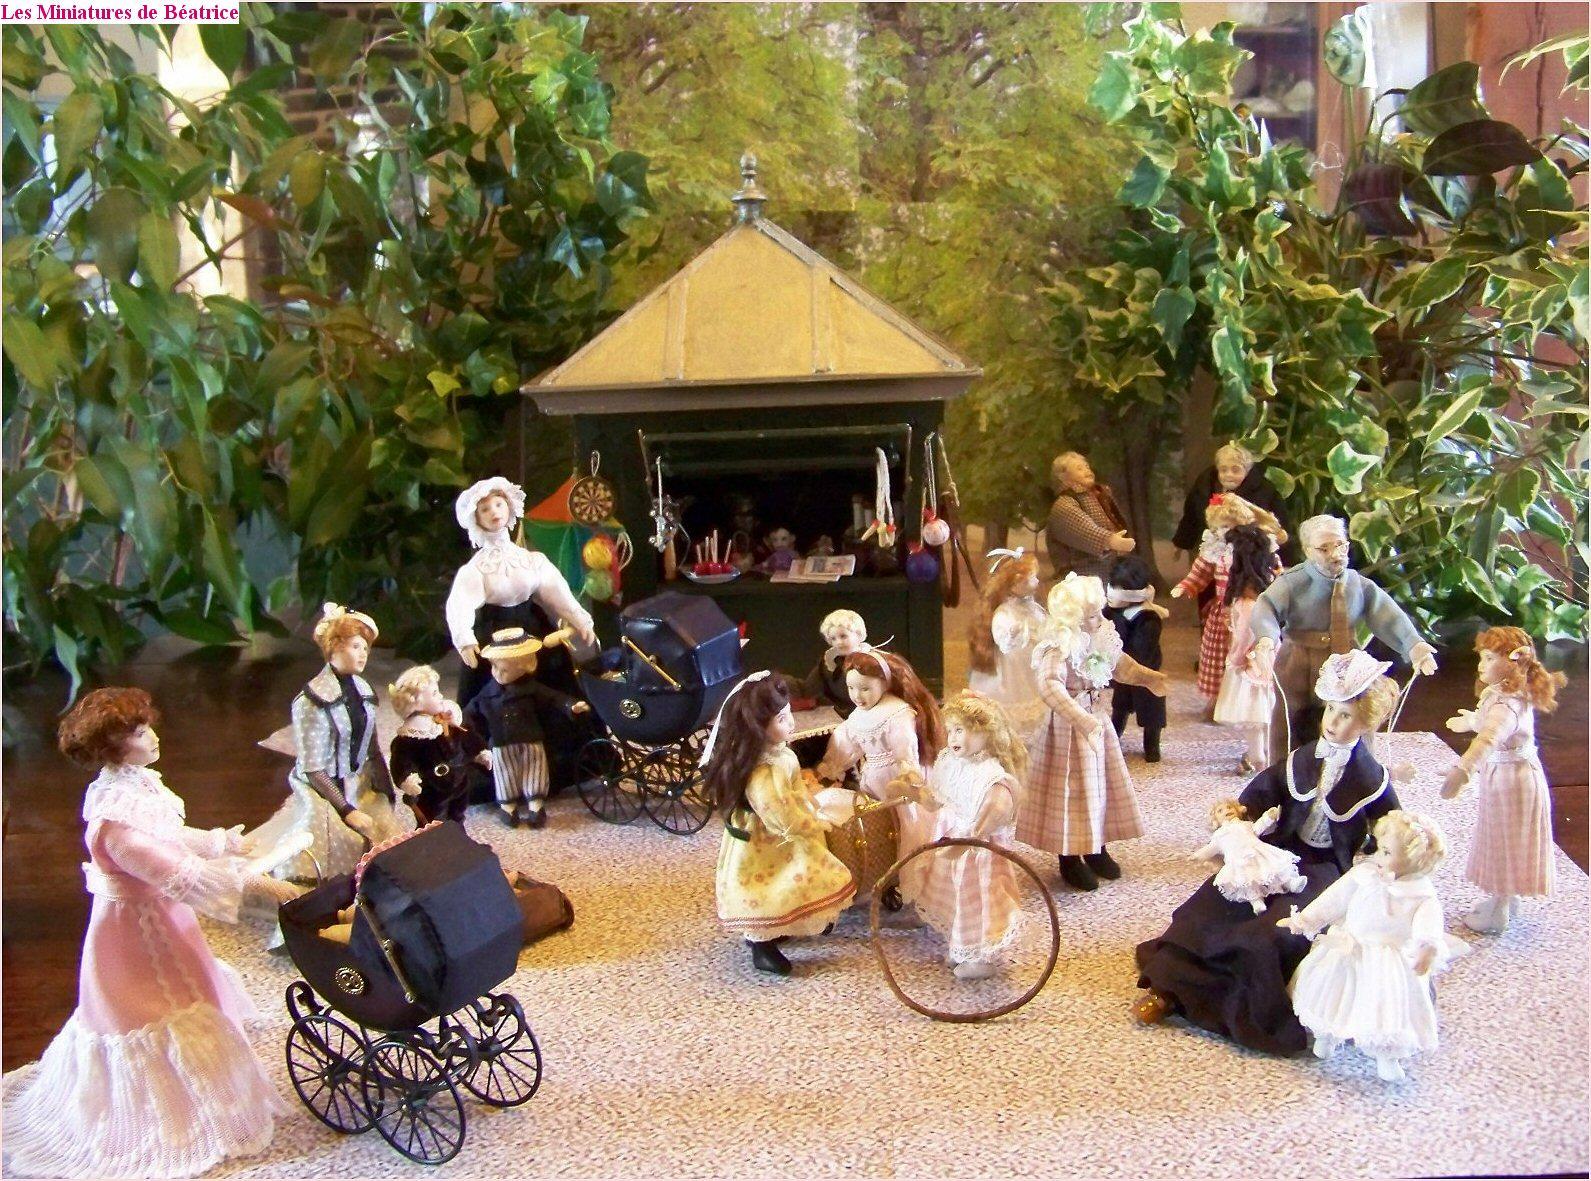 Les miniatures de b atrice le jardin du luxembourg en 1900 - Le jardin gourmand luxembourg ...